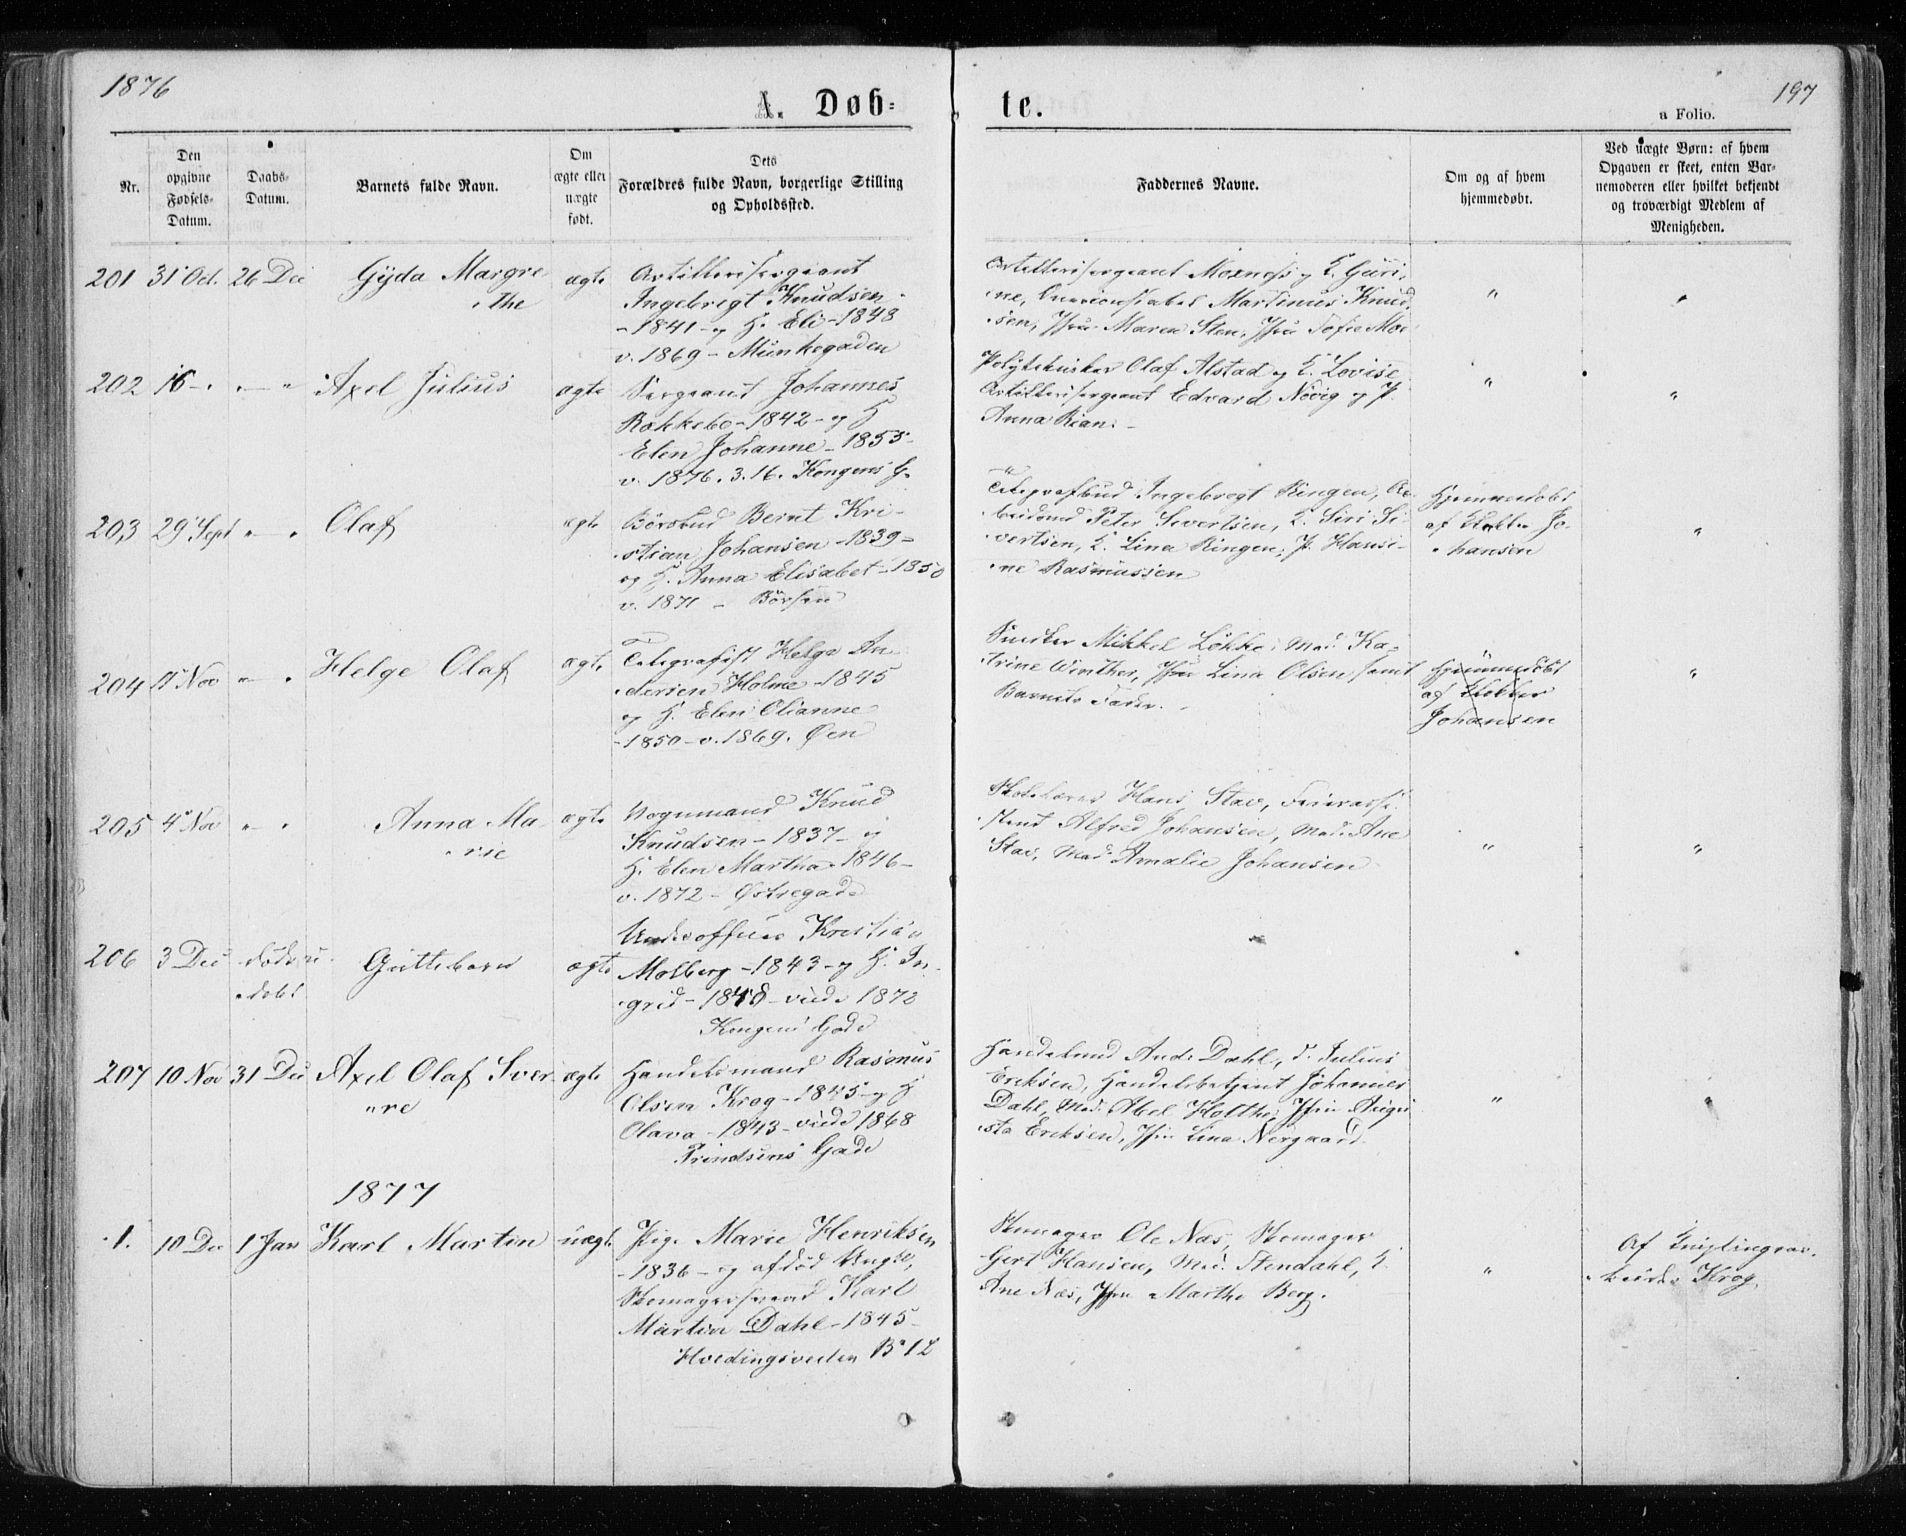 SAT, Ministerialprotokoller, klokkerbøker og fødselsregistre - Sør-Trøndelag, 601/L0054: Ministerialbok nr. 601A22, 1866-1877, s. 197